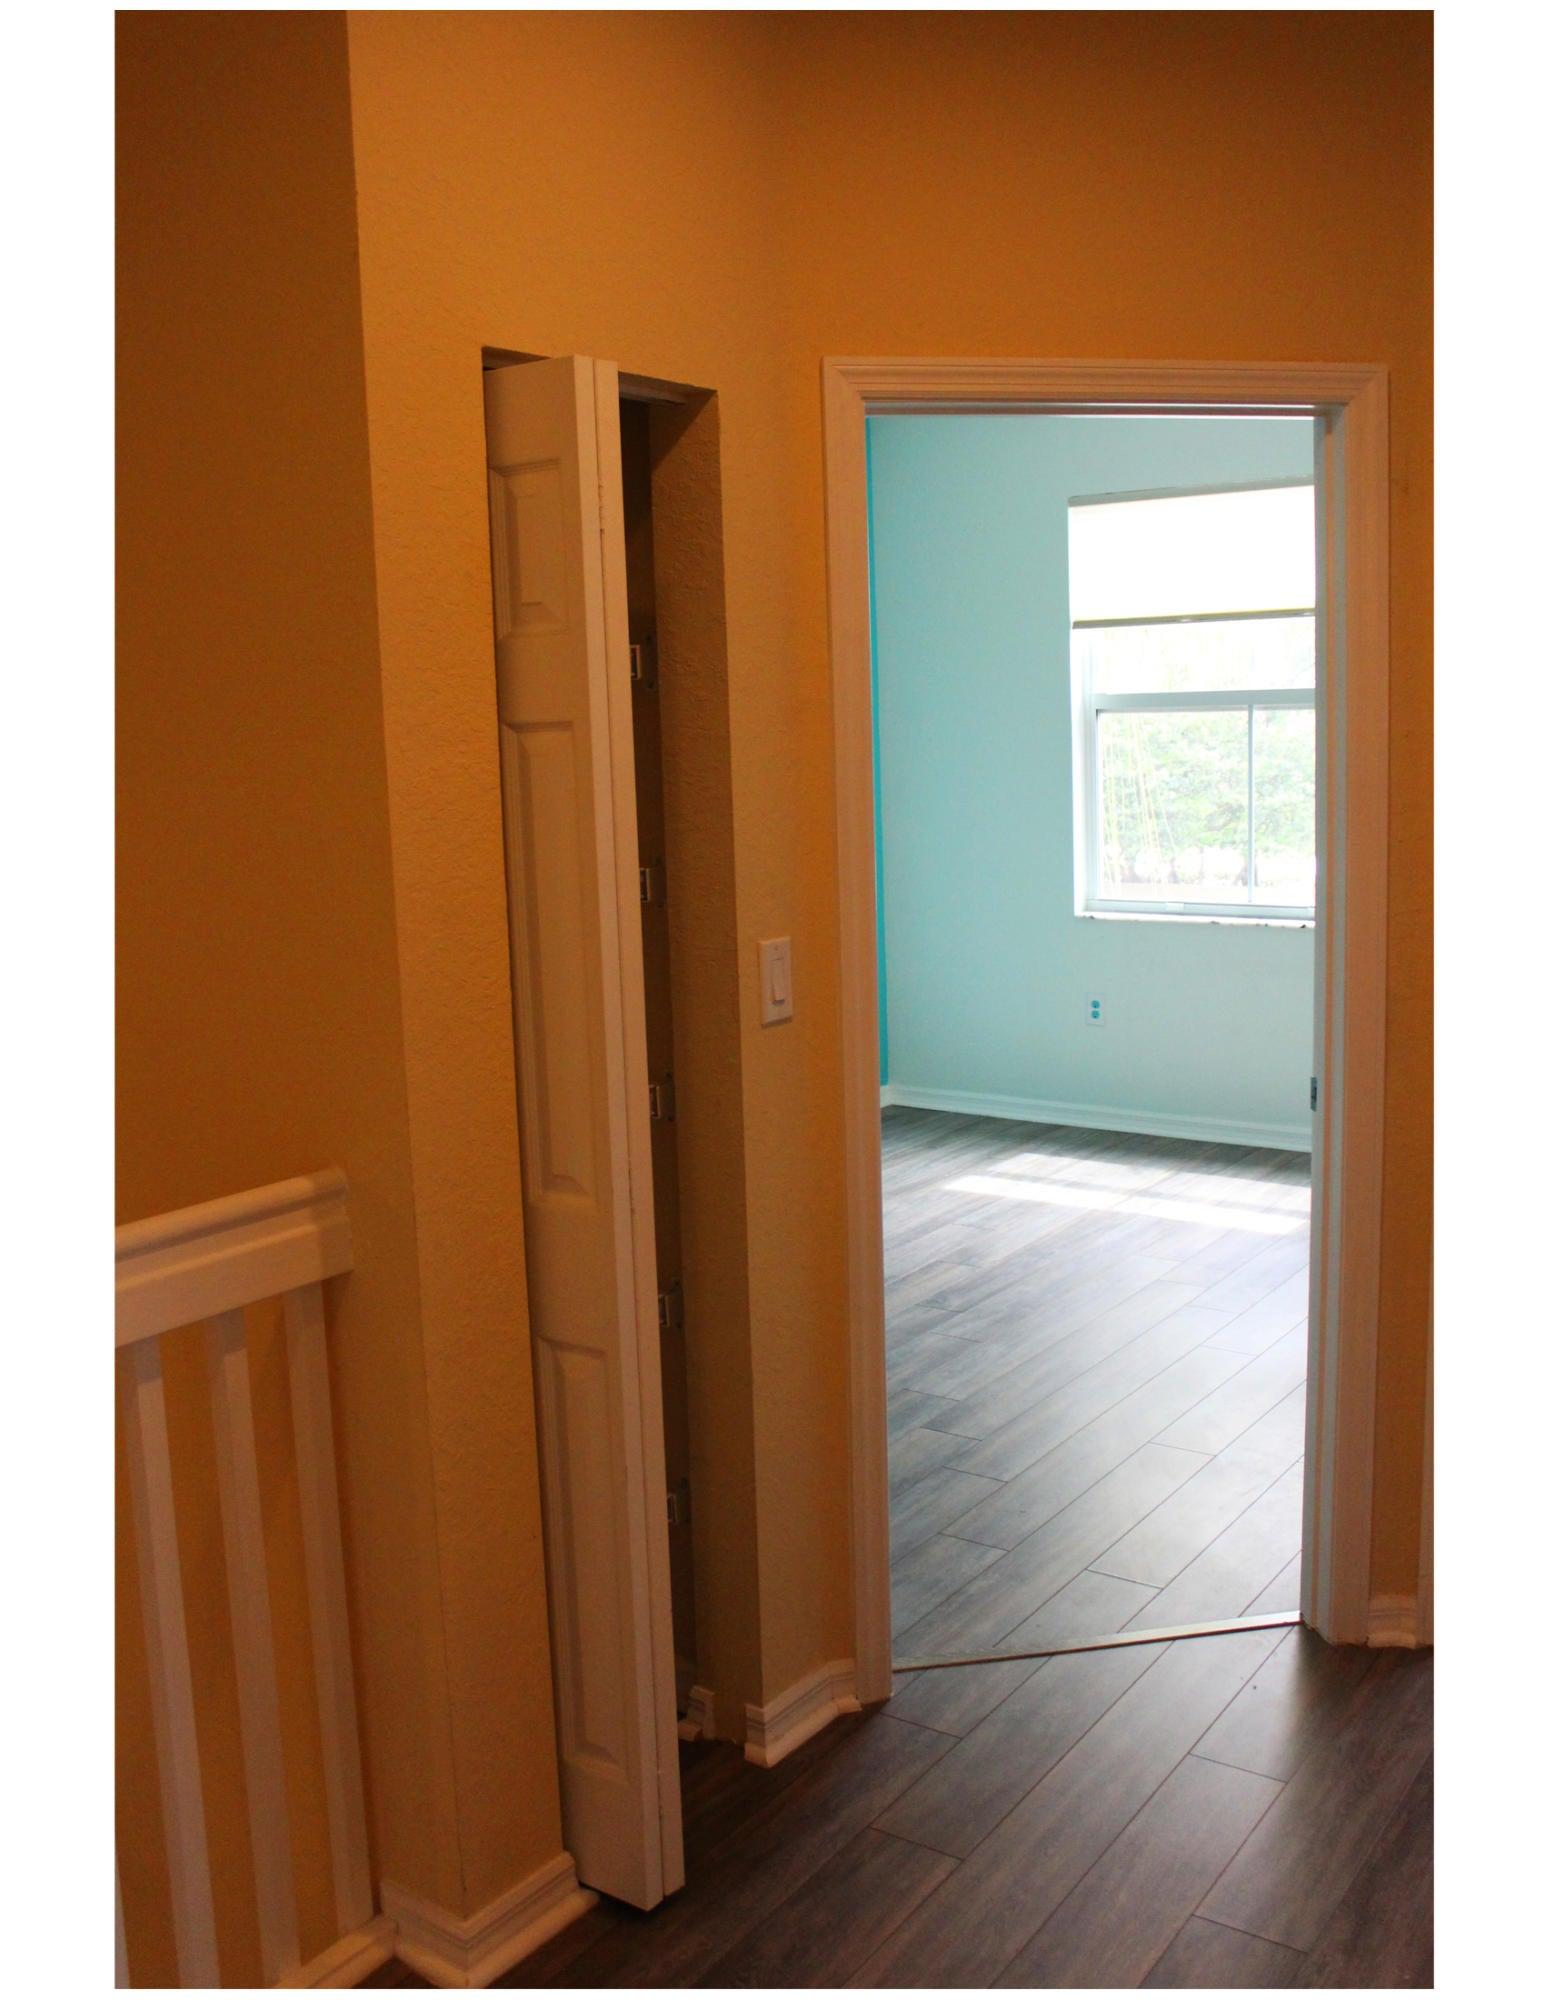 23-Bedroom 3